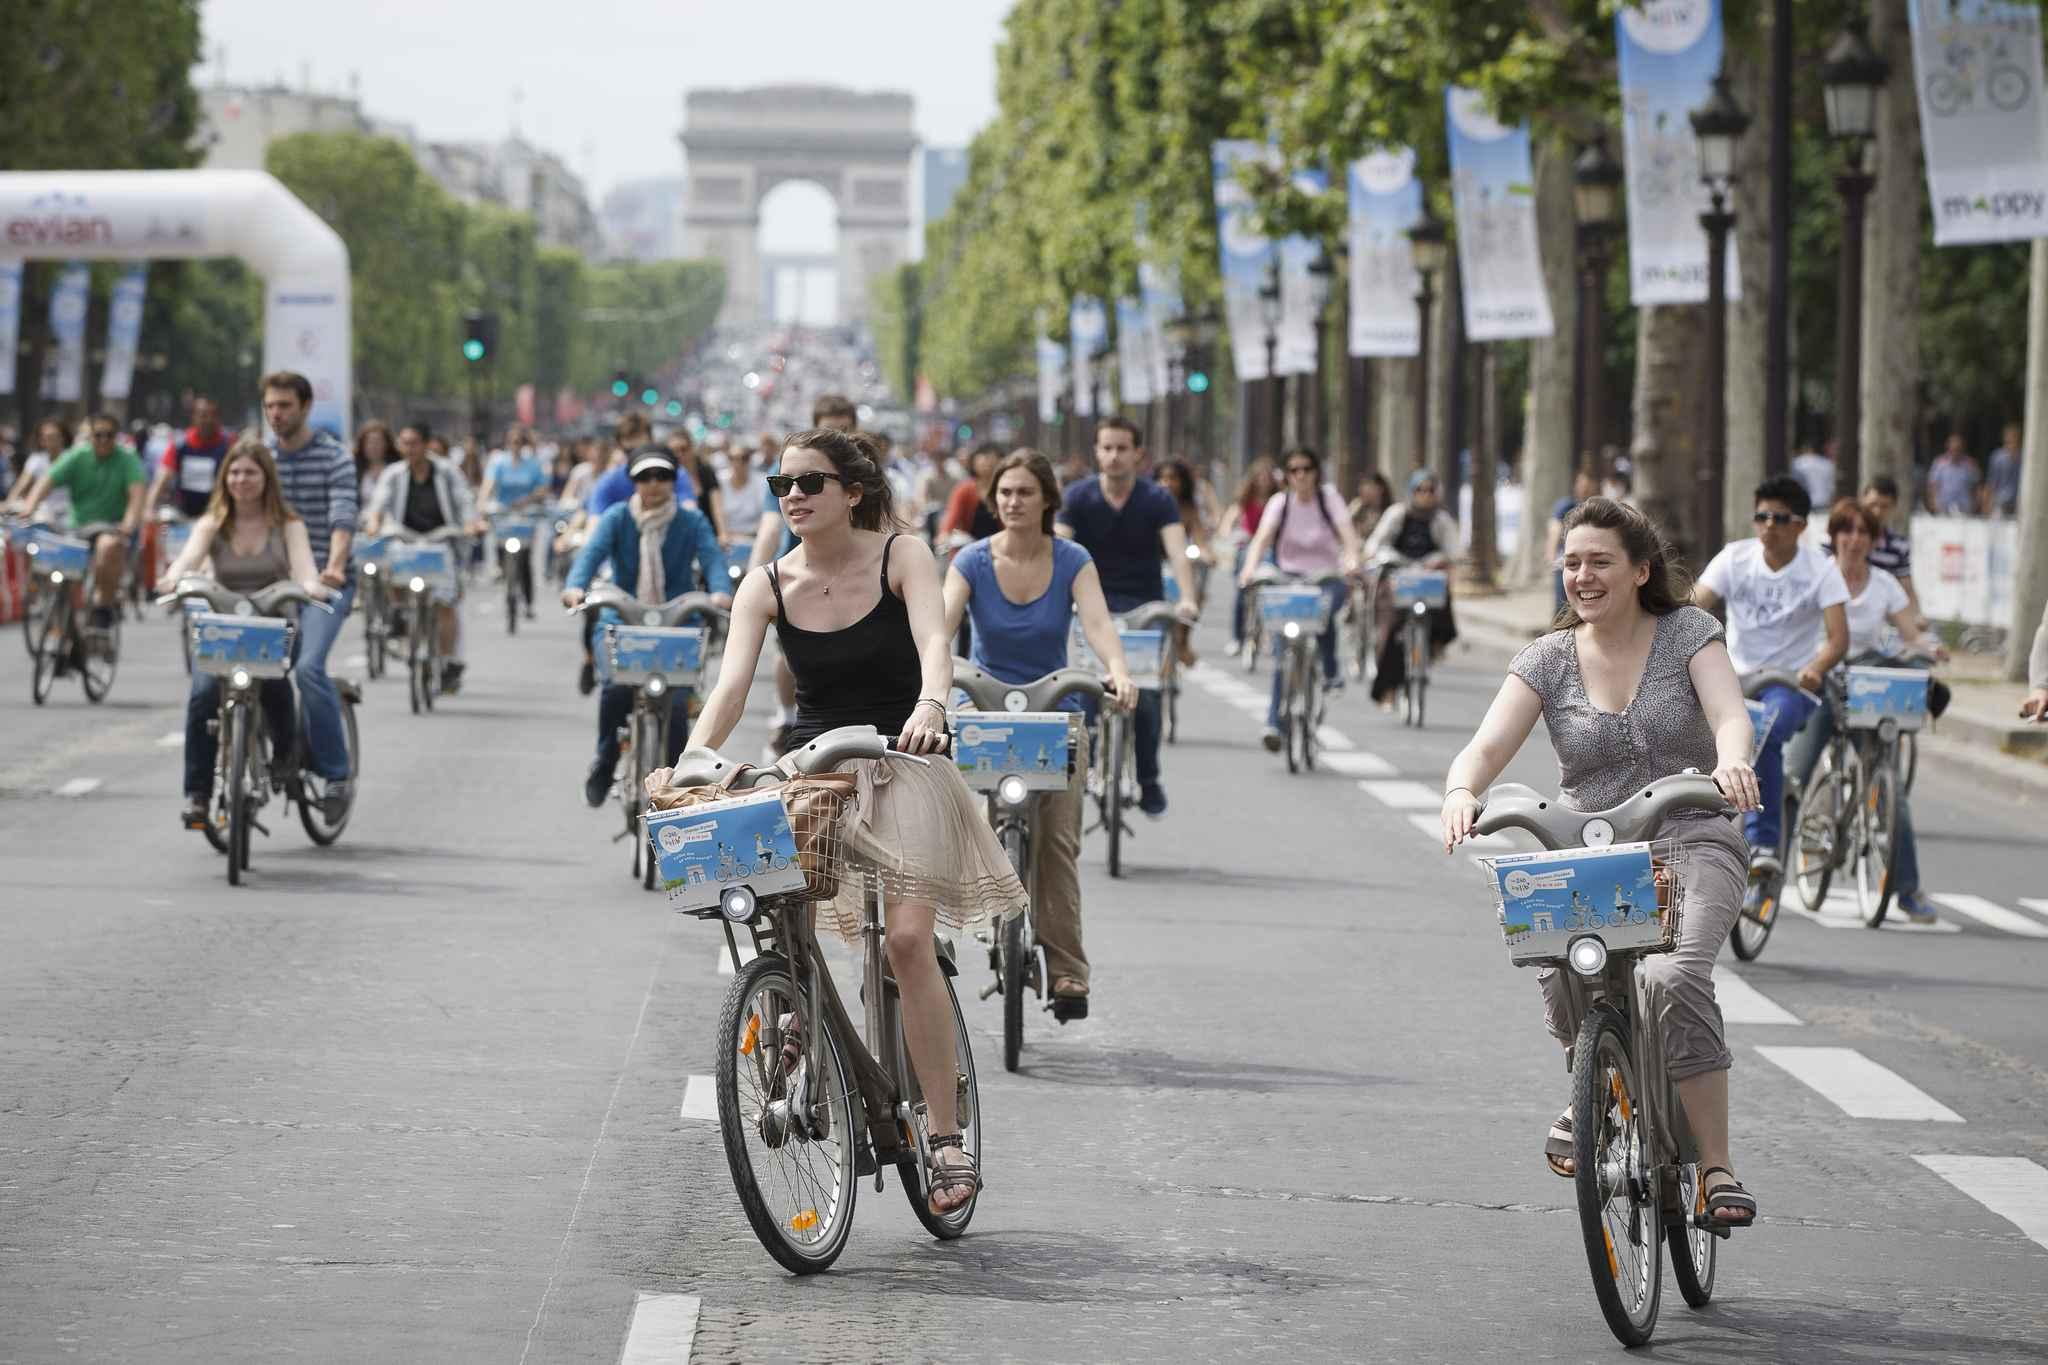 2048x1536-fit_paris-le-16-juin-2013-avenue-des-champs-elysees-seconde-edition-des-24h-du-velib-velo-foule-arc-de